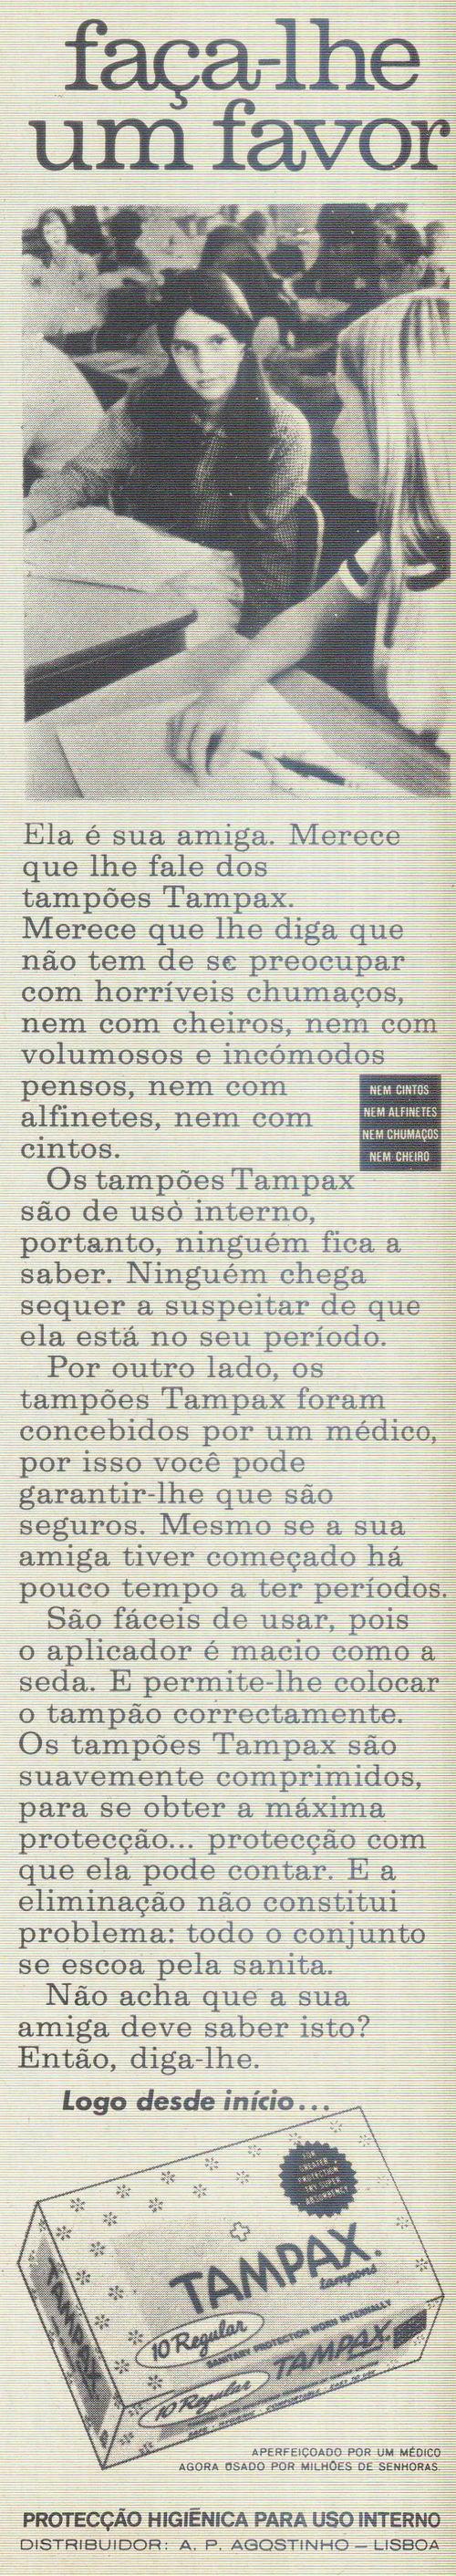 Modas e Bordados, No. 3223, 14 Novembro 1973 - 23b